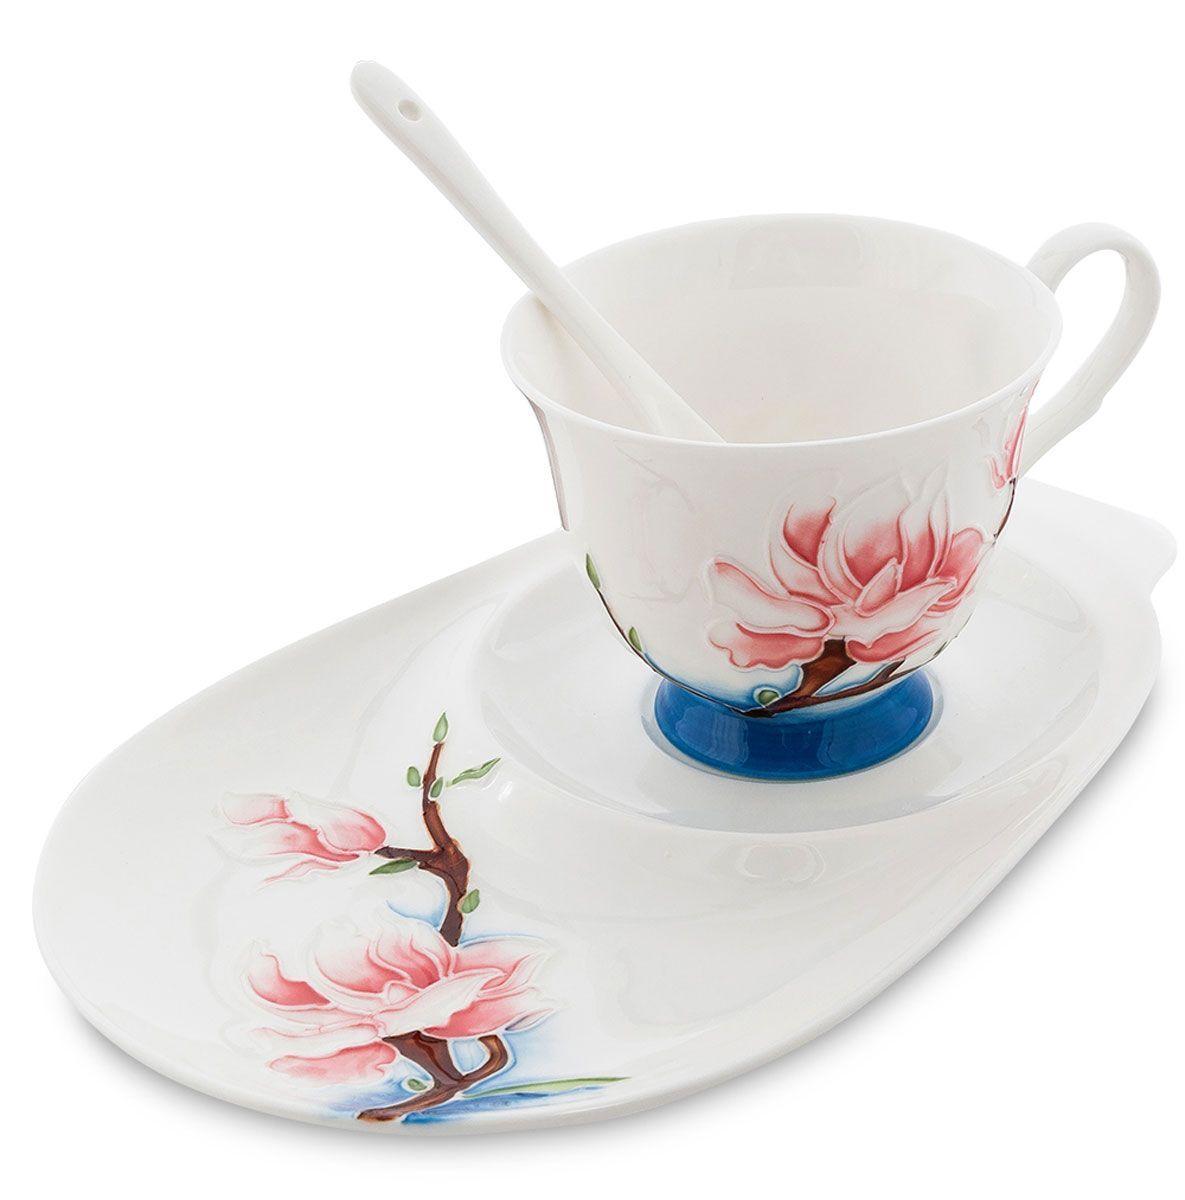 Набор чайный Pavone Цветущая сакура, 3 предметаVT-1520(SR)Чайный набор Pavone Иволга и орхидея изготовлен из высококачественного фарфора. Набор состоит из чашки, блюдца и чайной ложки. Изделия имеют необычный дизайн, который придется по вкусу ценителям классики и тем кто предпочитает современный стиль. Изящный набор эффектно украсит стол к чаепитию и порадует вас функциональностью и ярким дизайном.Объем кружки: 250 мл.Длина блюдца: 23 см.